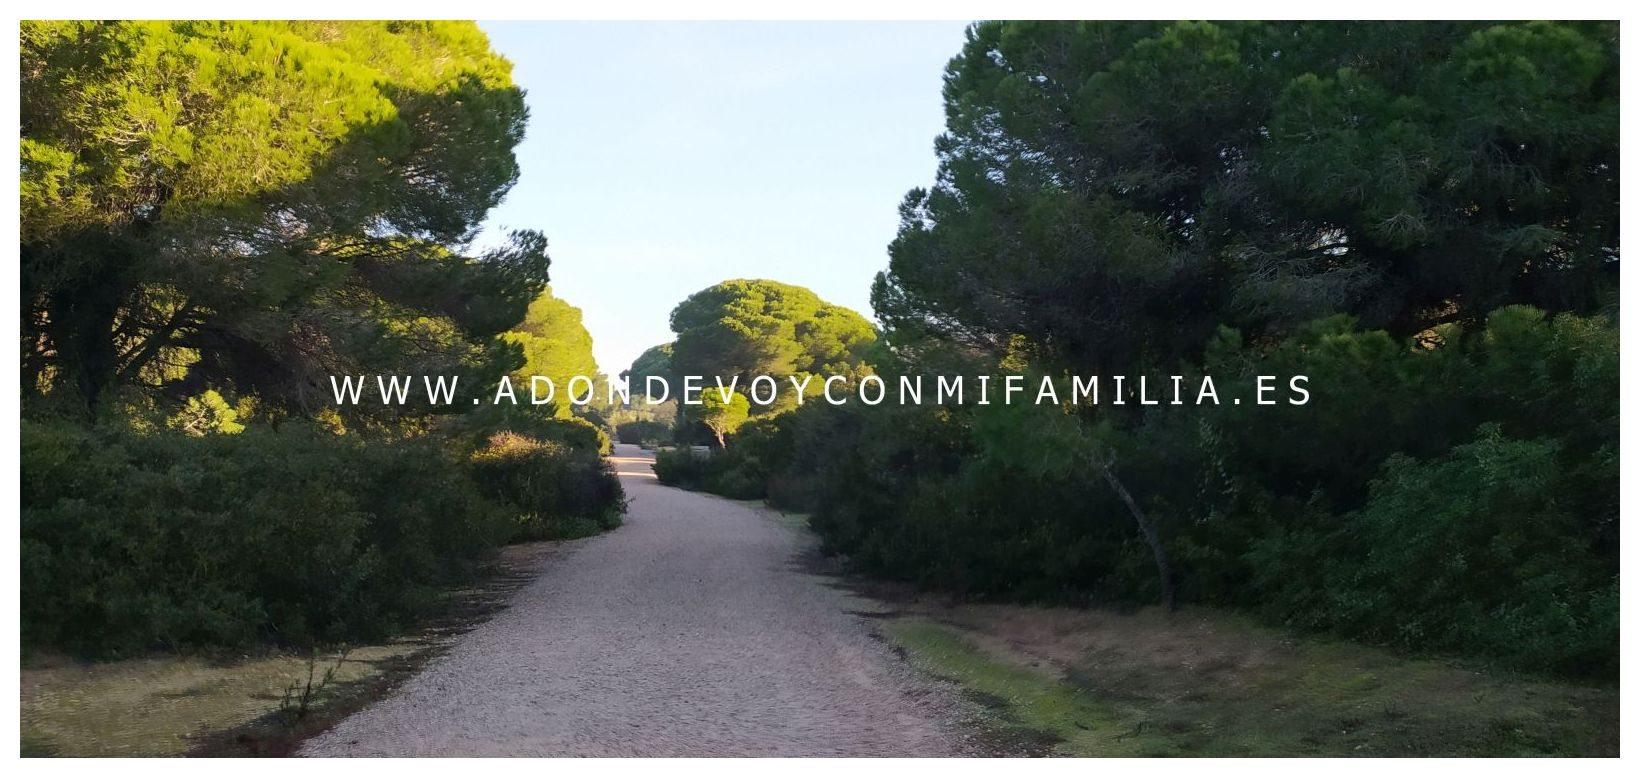 sendero-pinar-de-la-algaida-Adondevoyconmifamilia-07